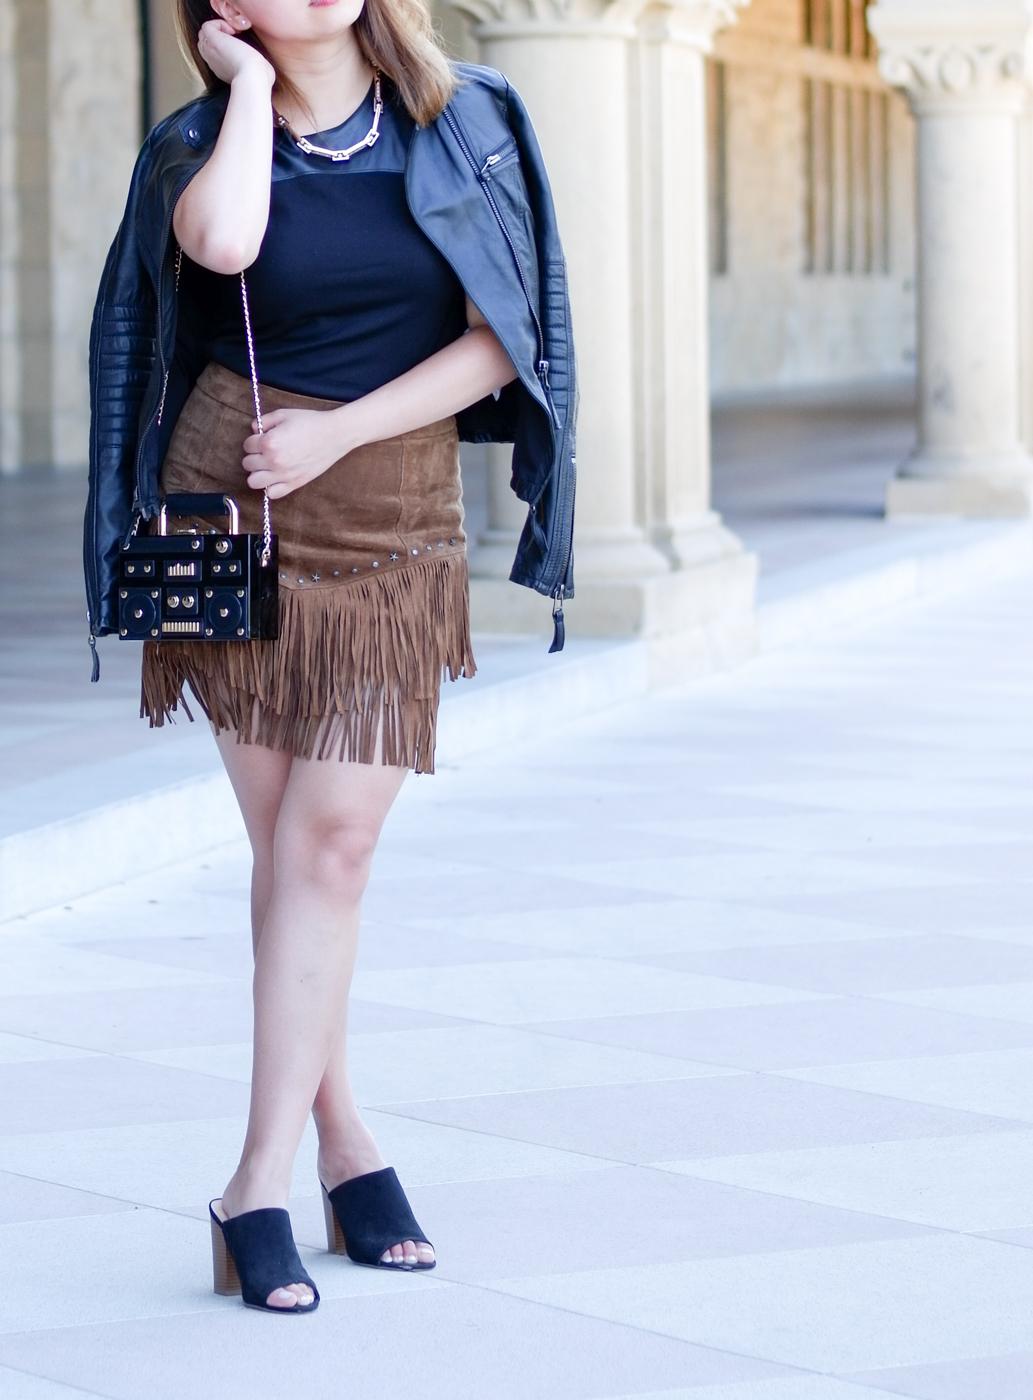 Leather moto jacket, fringe skirt, black mules | The Chic Diary